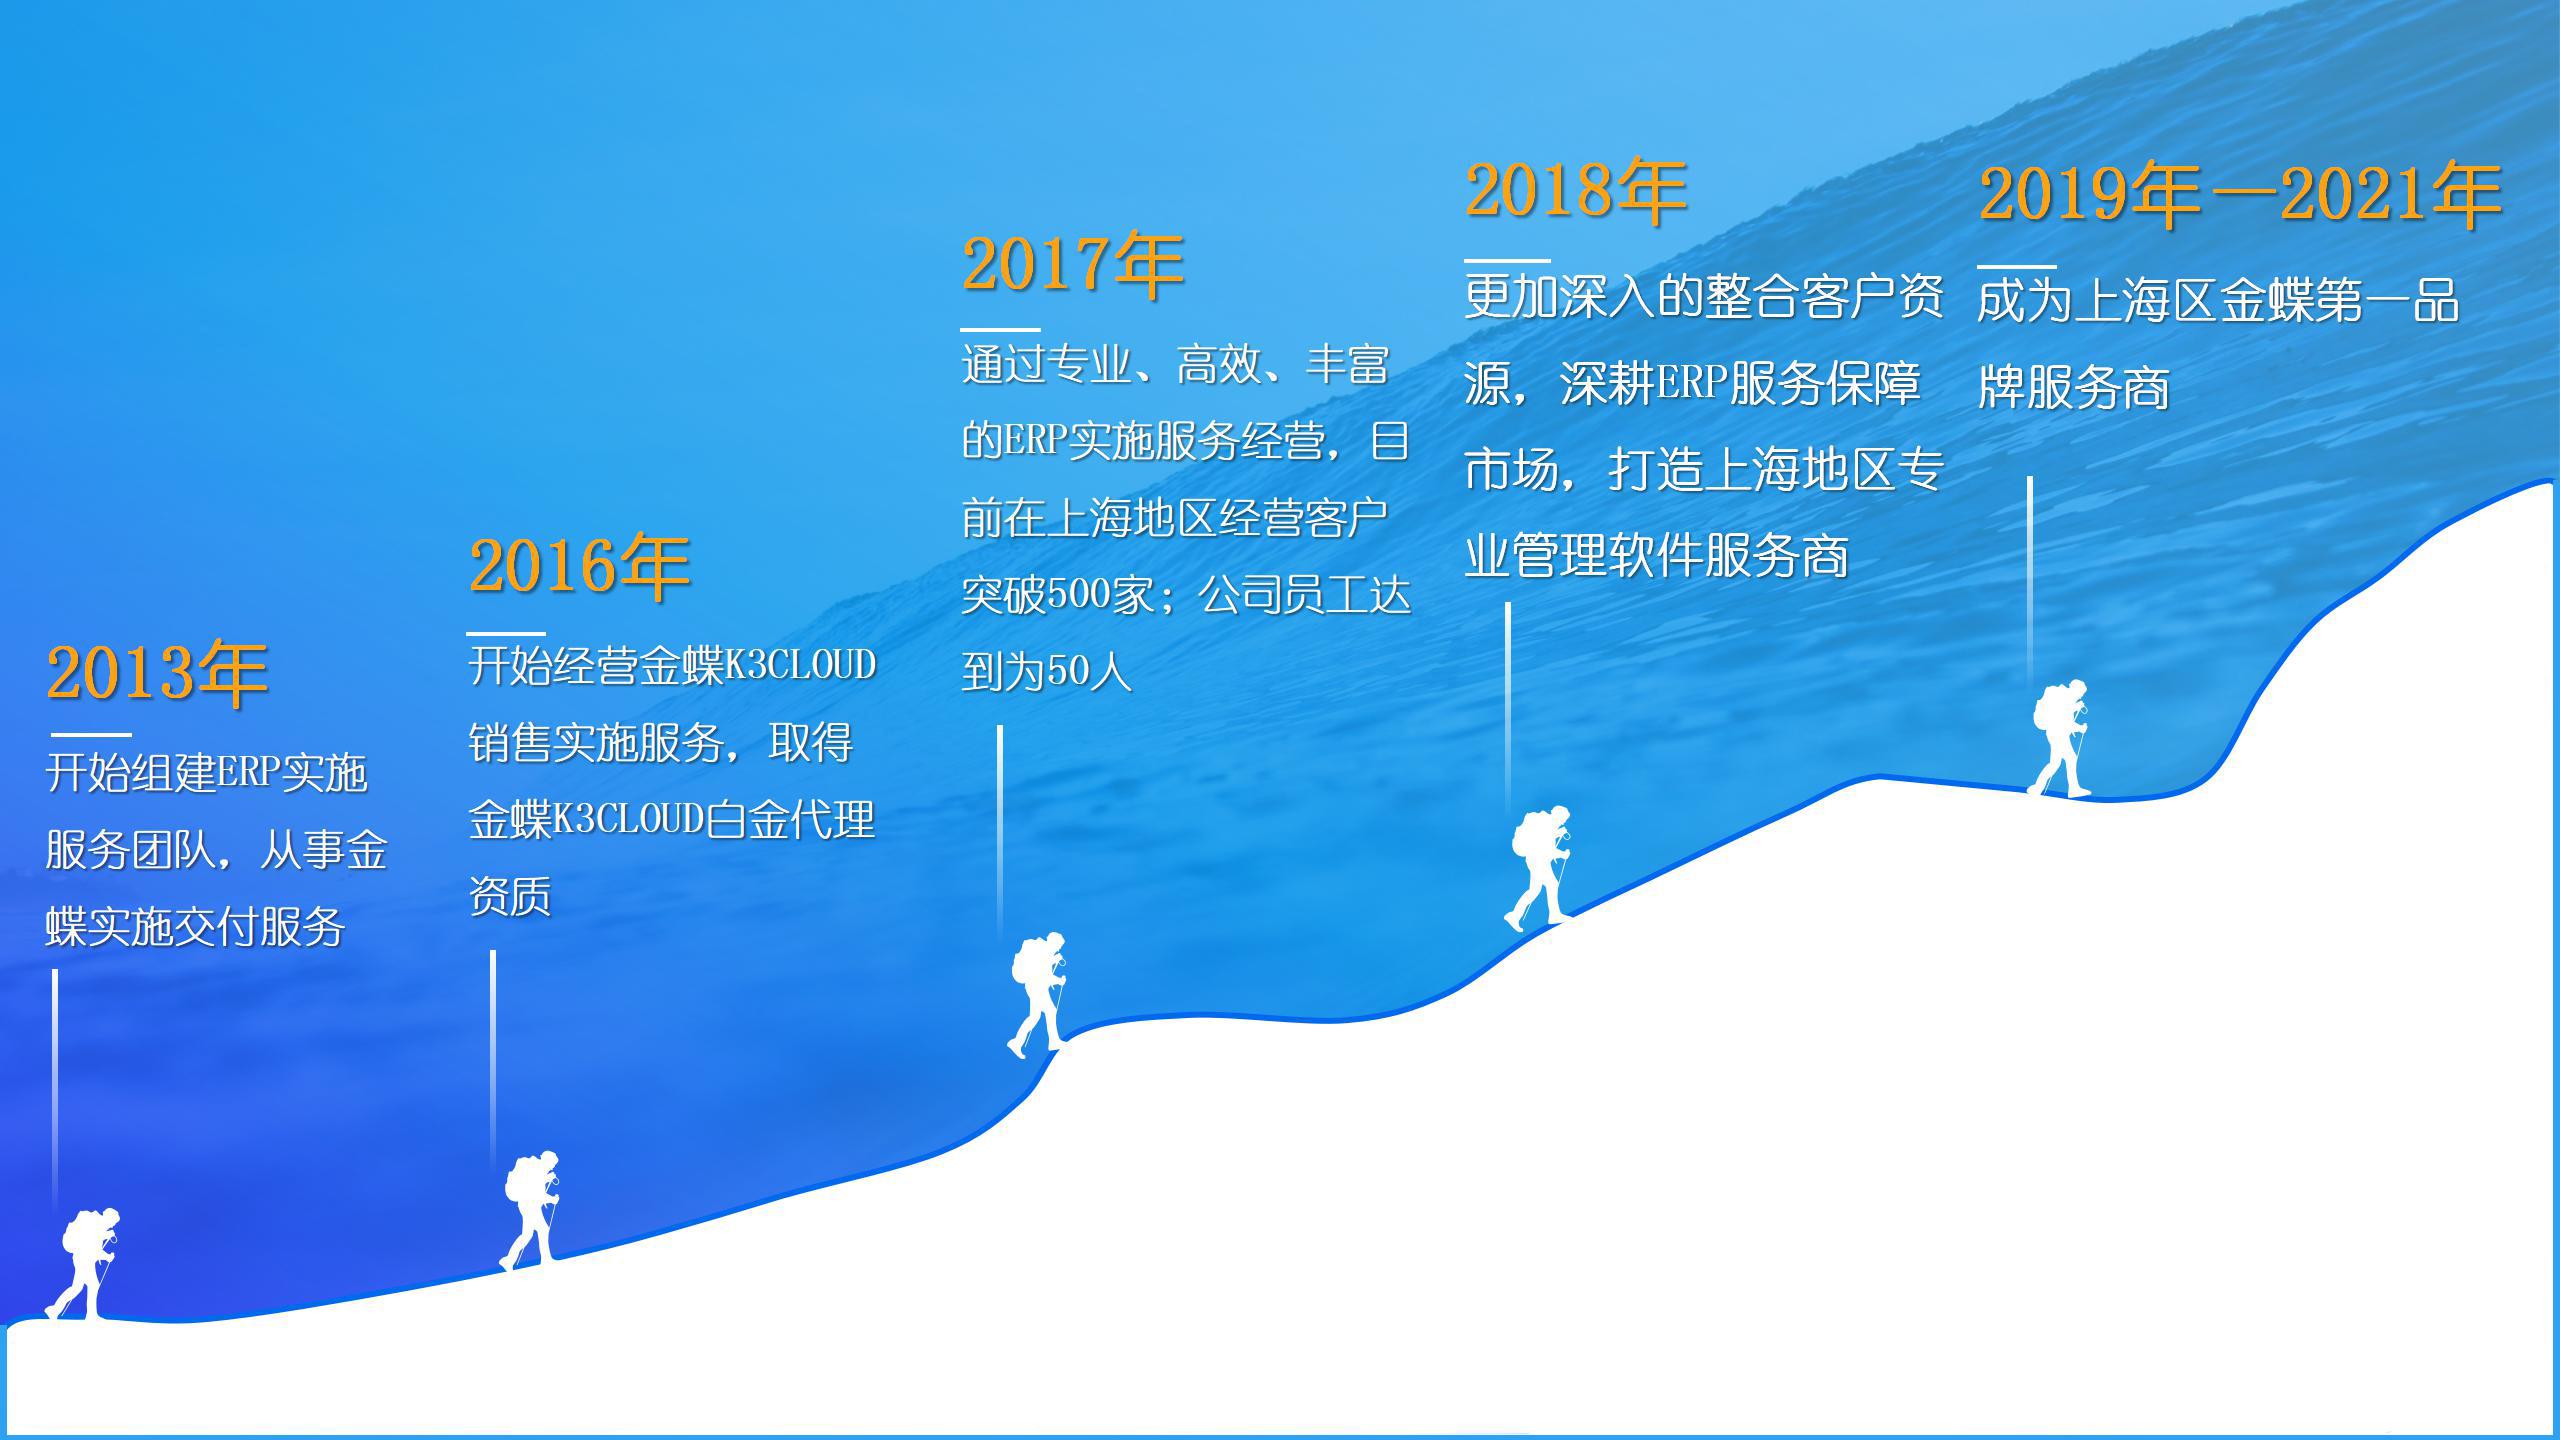 上海宝蝶信息